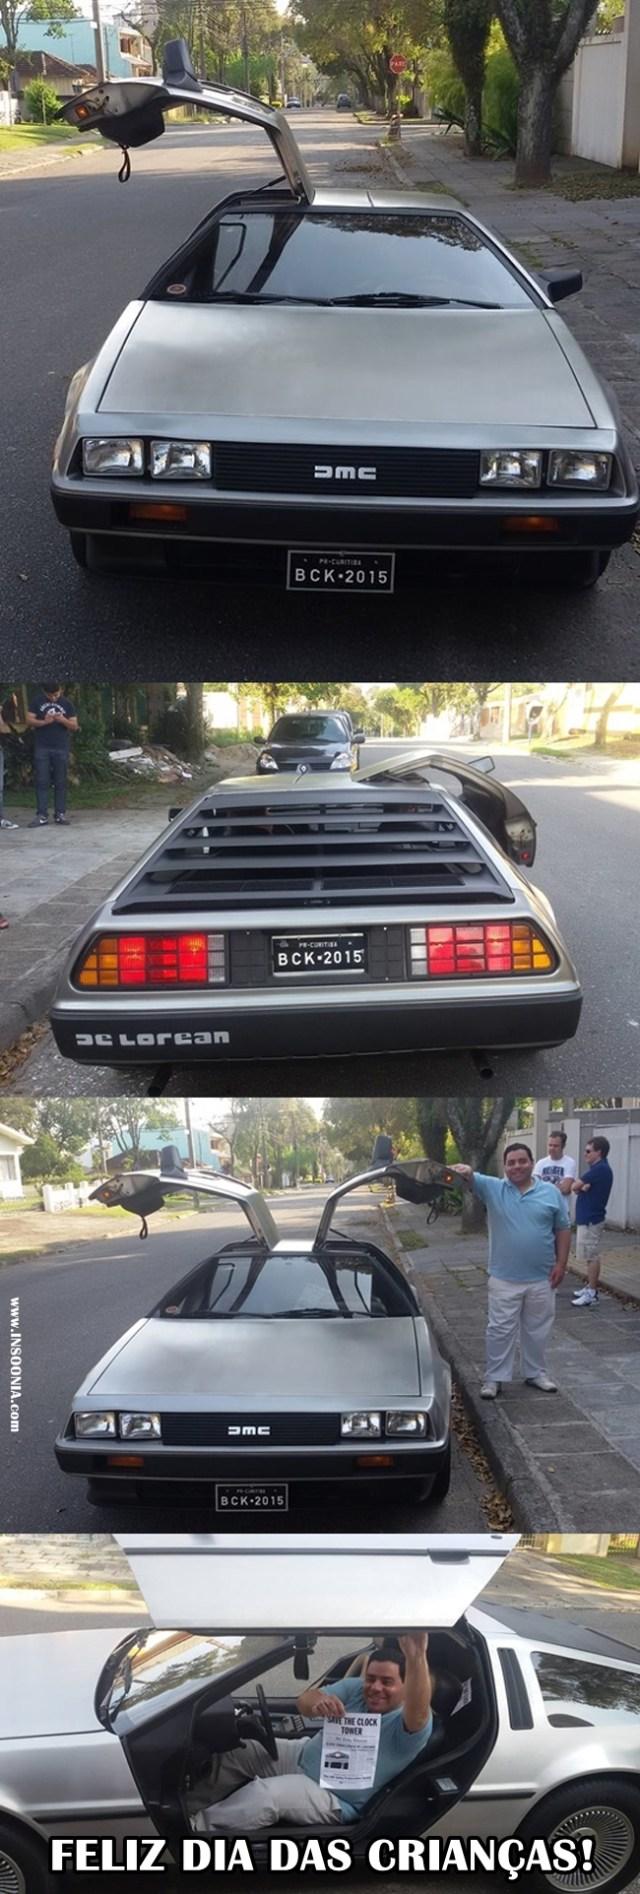 DeLorean-01-vert